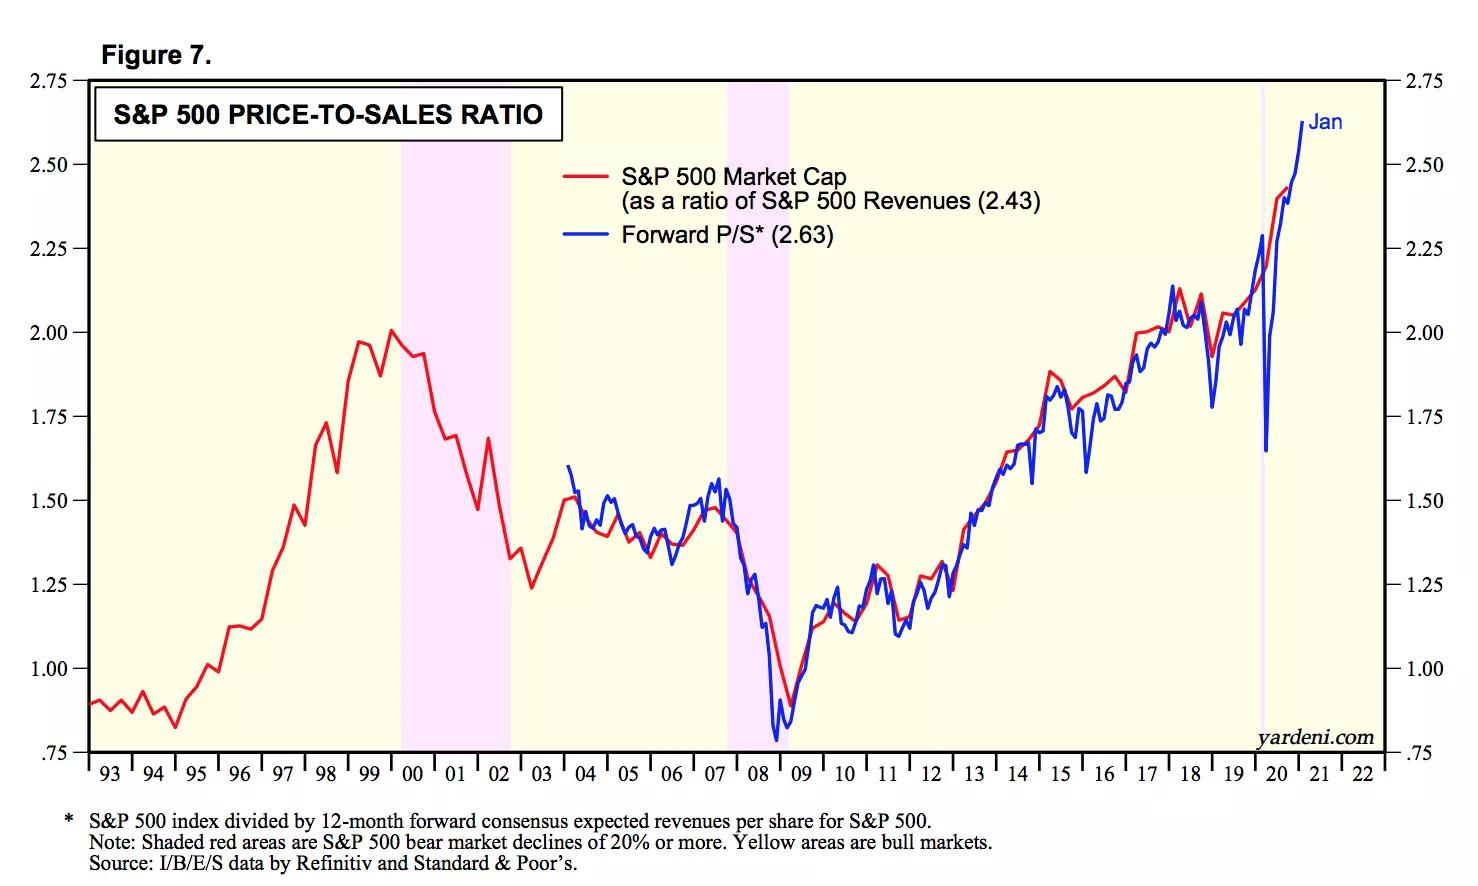 Коэффициент P/S по индексу S&P 500